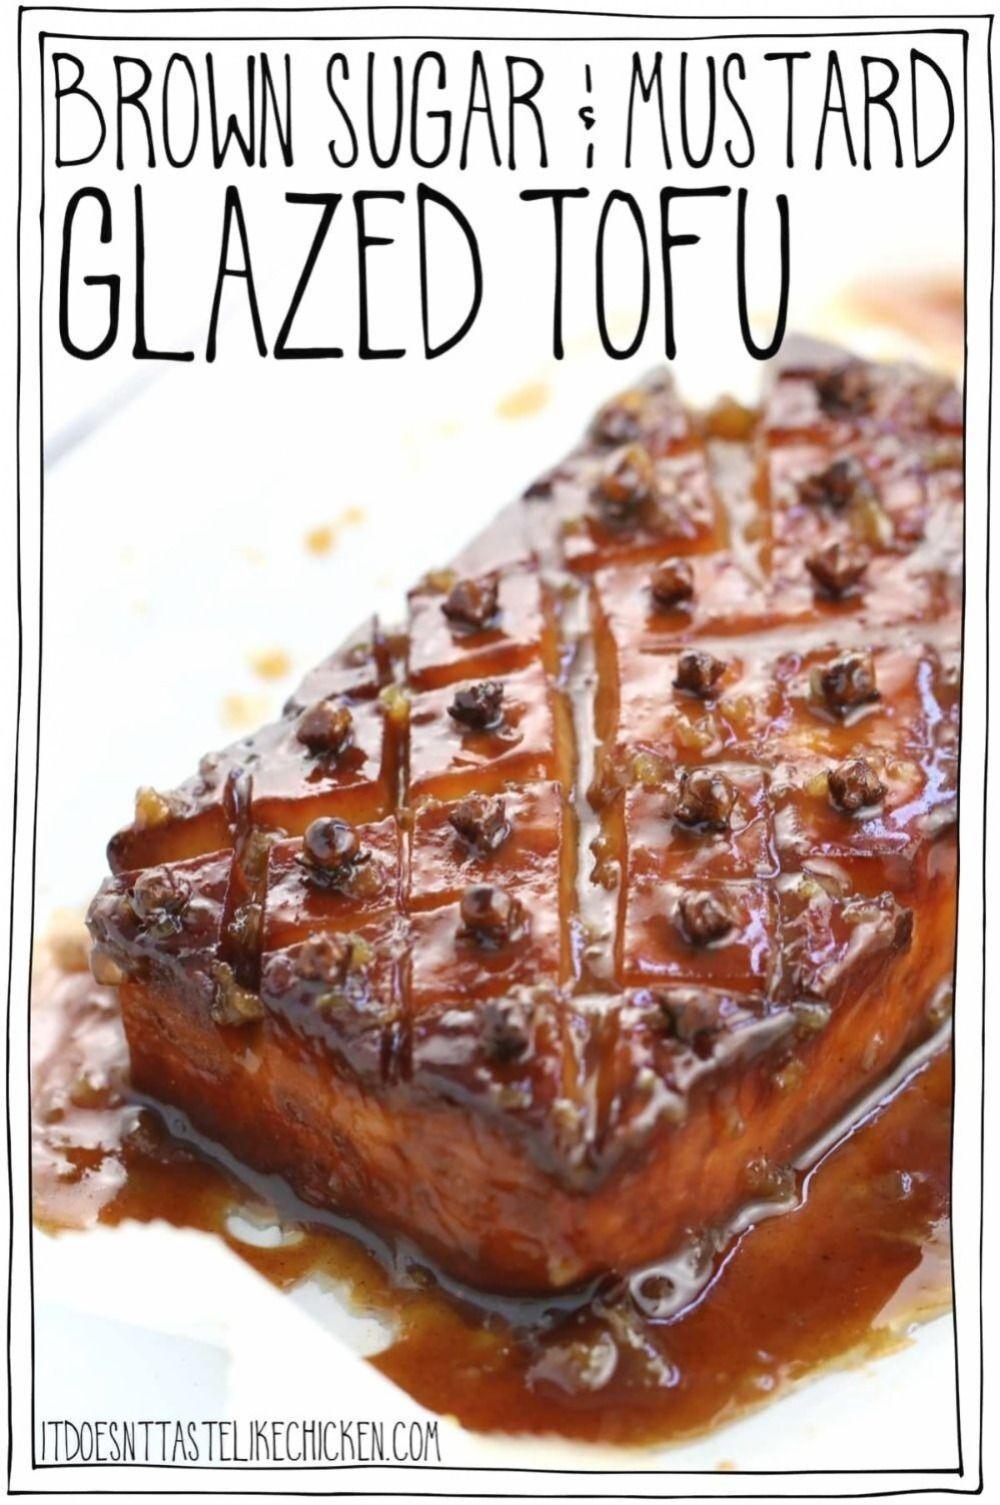 Sucre Brun Moutarde Vitrage Tofu Juste Ingredients Et Facile A Faire Inspire Par Jambon Glace A Ce Tofu Roti E En 2020 Idee Recette Nourriture De Paques Nourriture